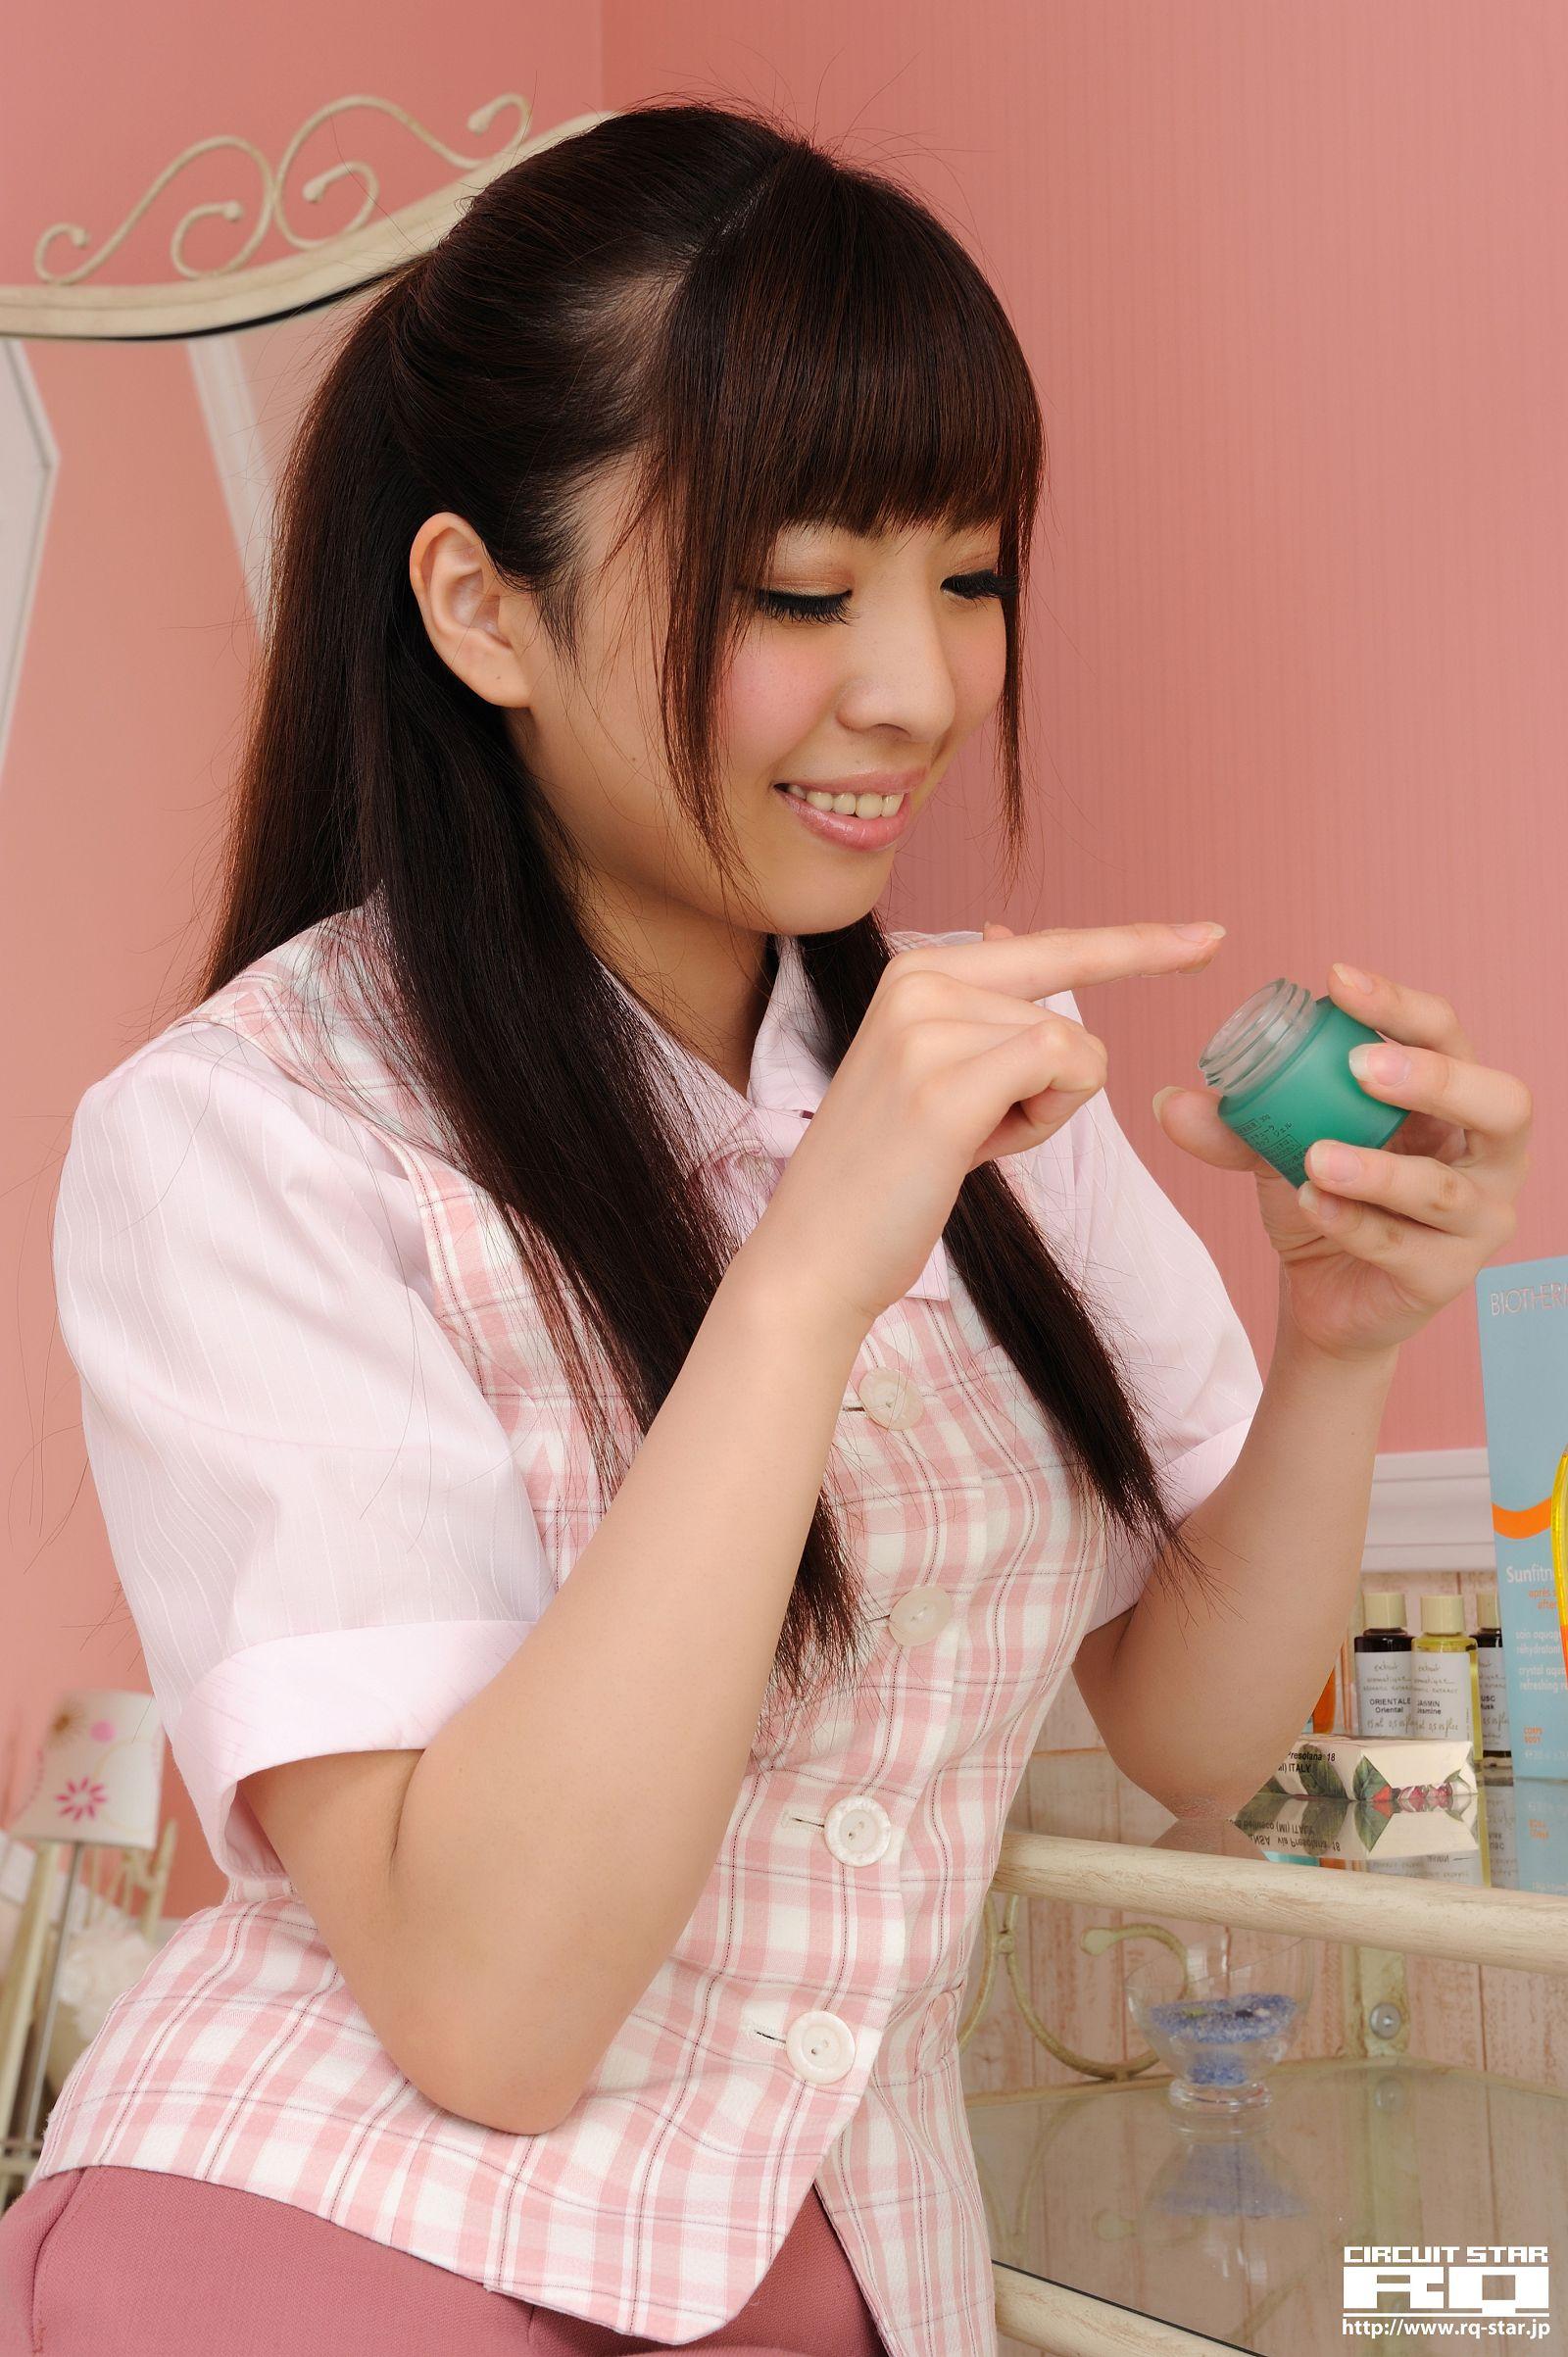 [RQ STAR美女] NO.00519 Mayuka Kuroda 锿蚪Y花 Office Lady[96P] RQ STAR 第4张